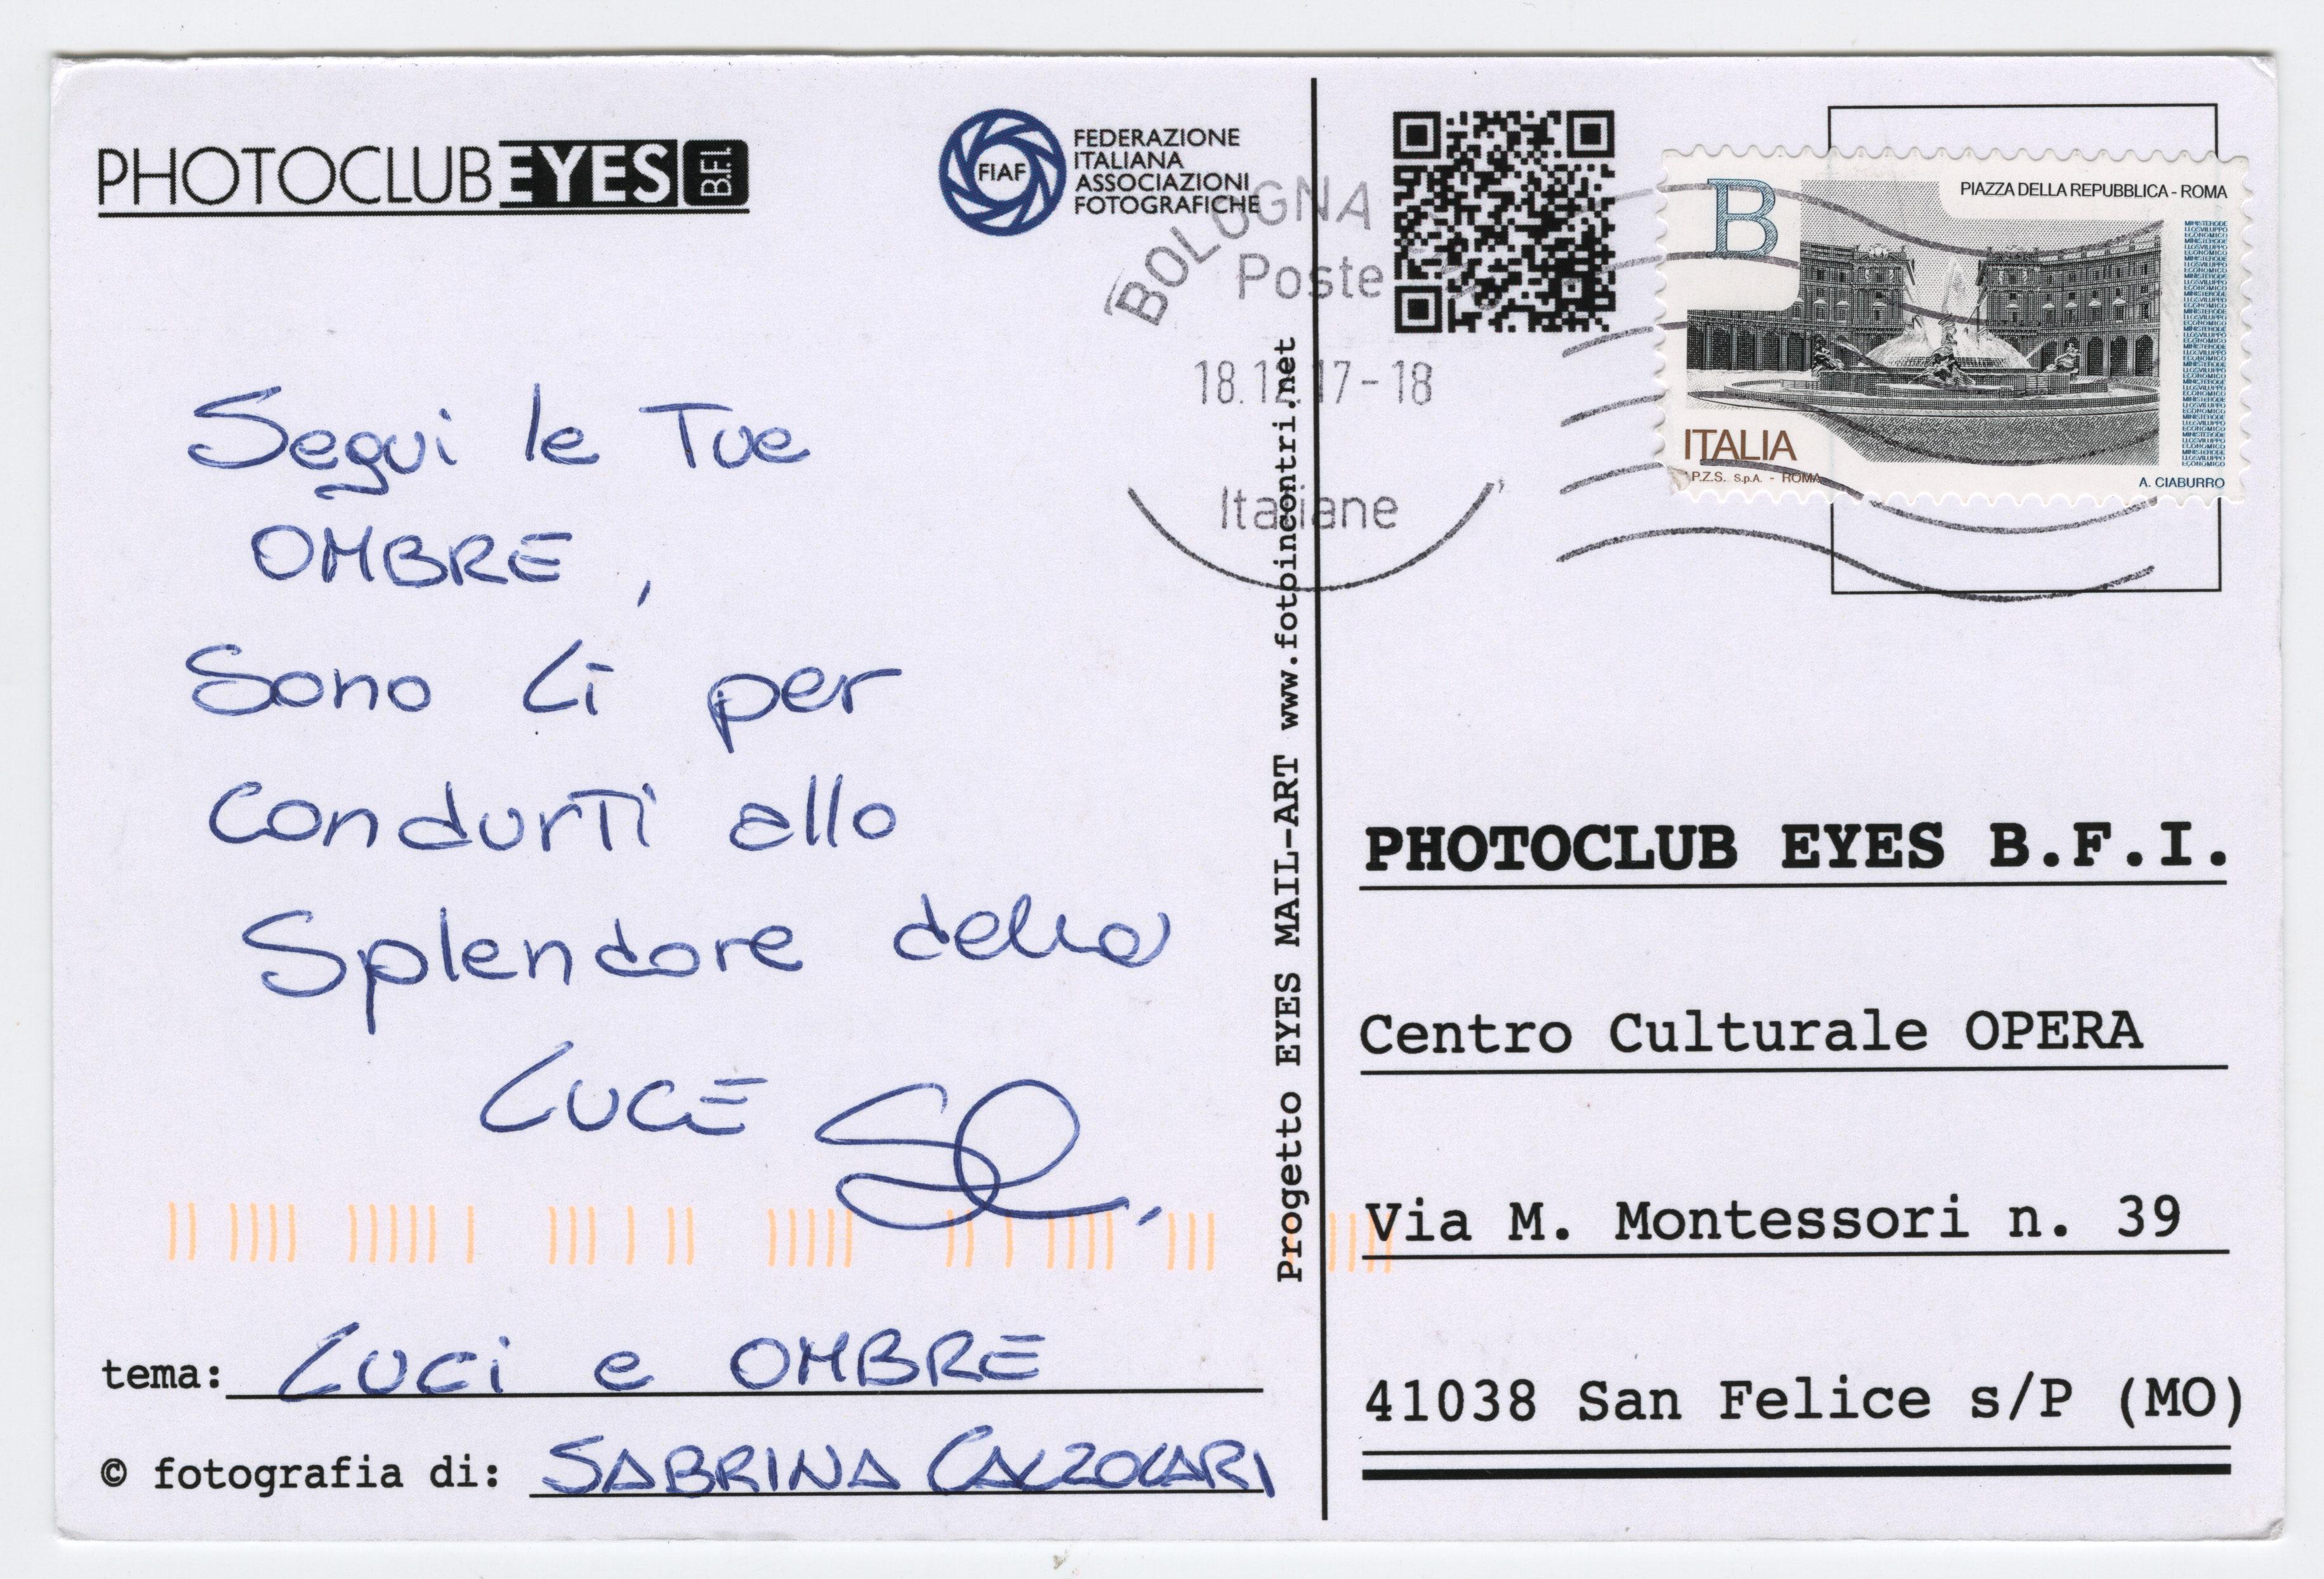 Sabrina Calzolari